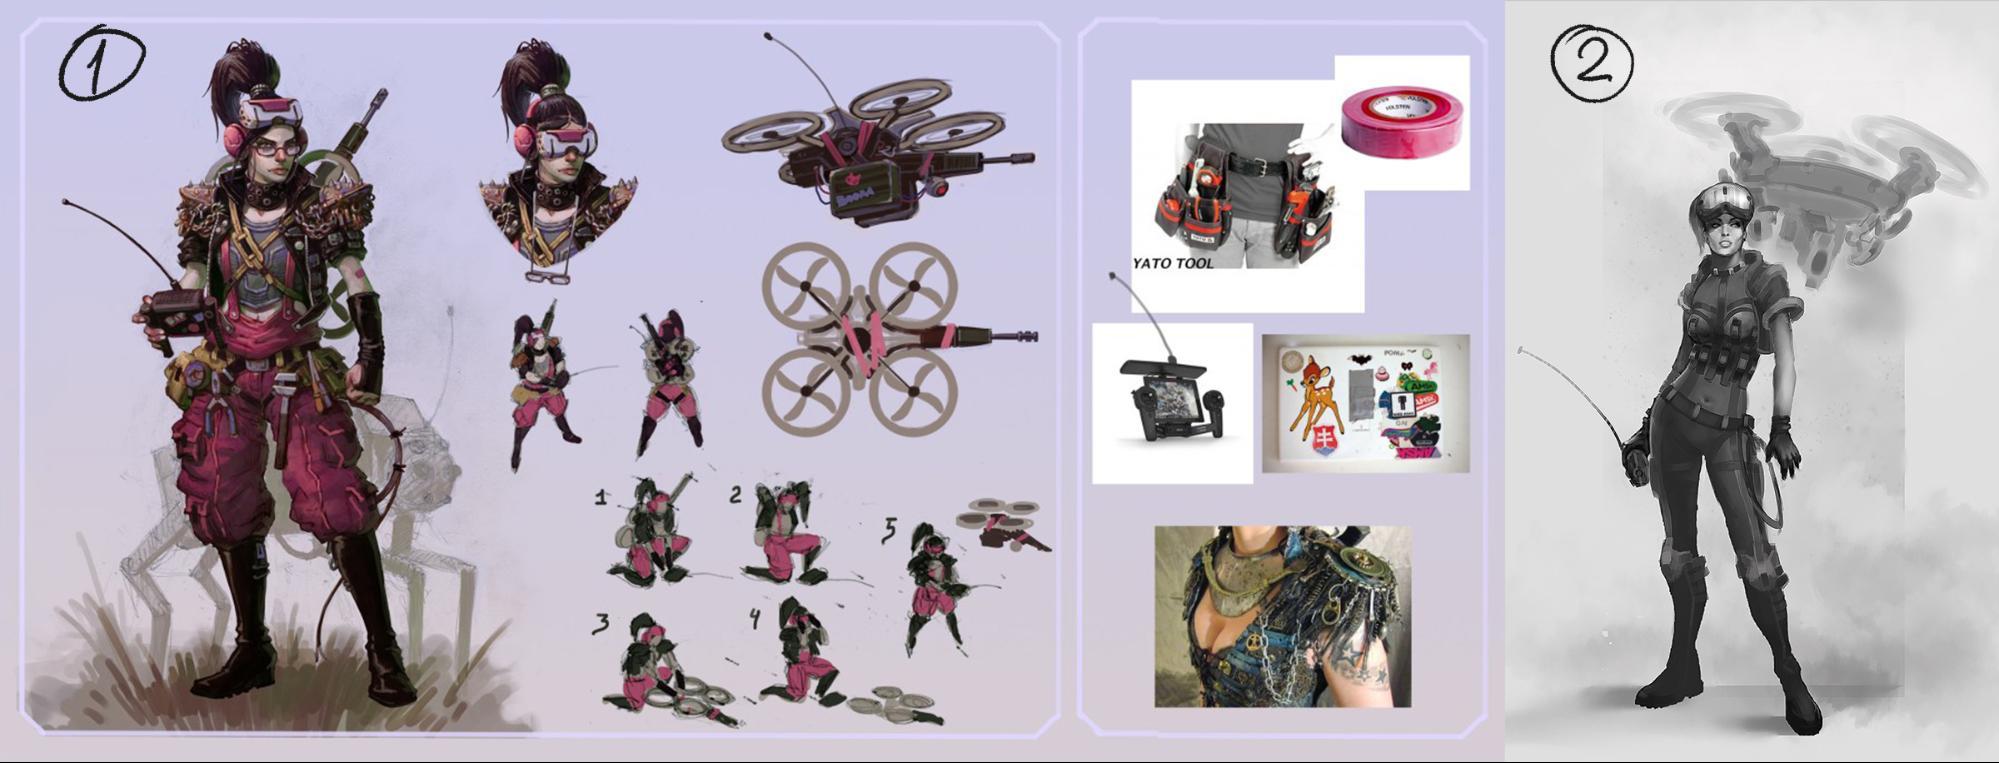 Рефлексия геймдизайнера: персонажи для игры, которая не вышла - 13